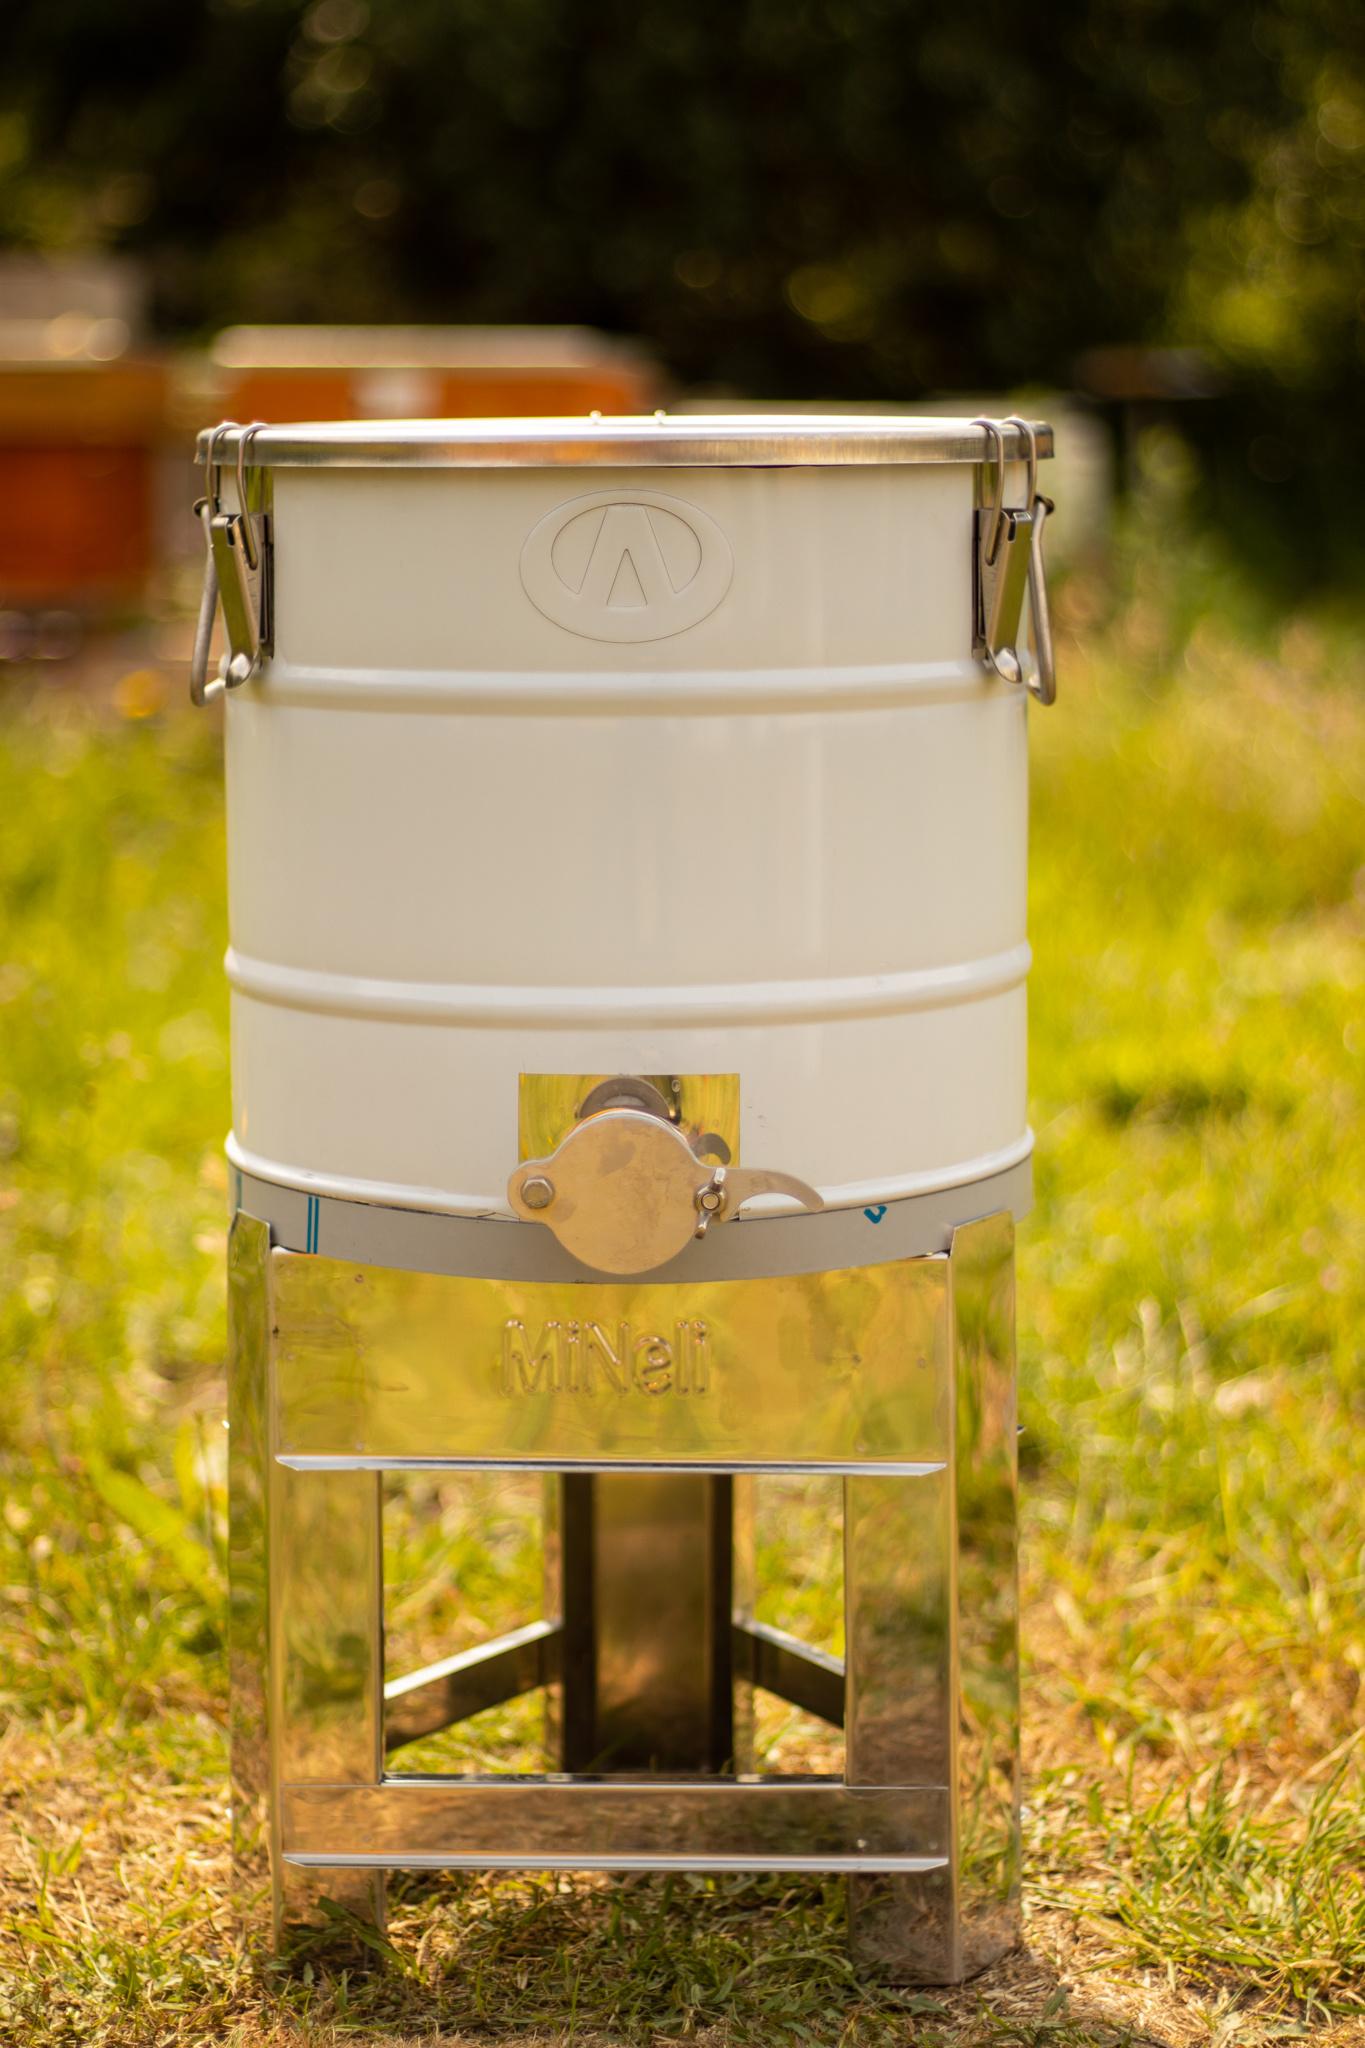 Apini rijper - 30 kg met inox snijkraan en hermetische dichting-2